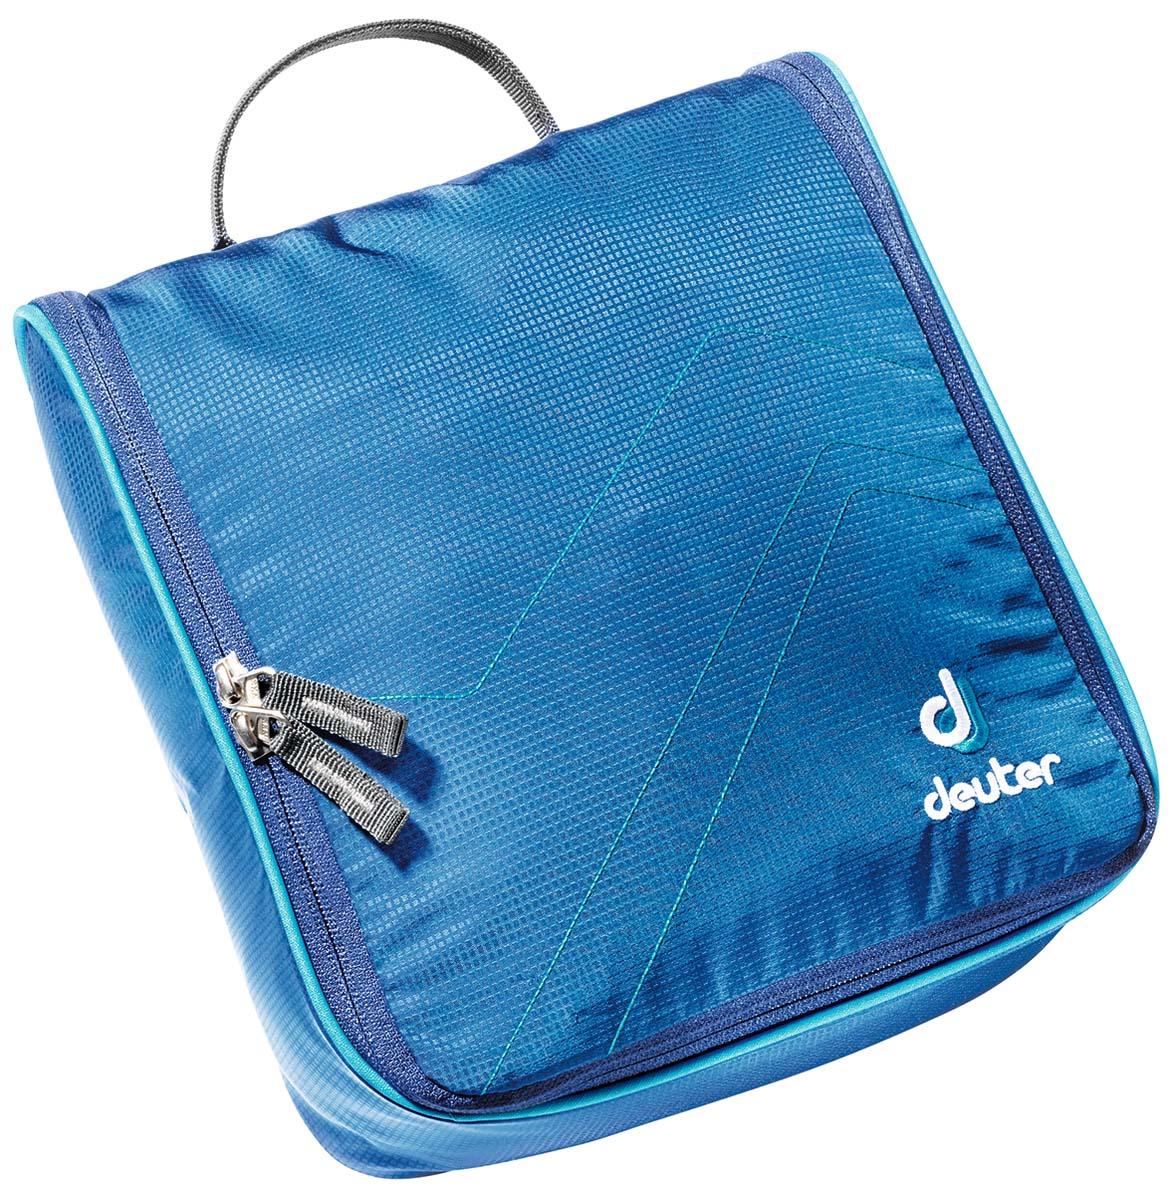 Косметичка Deuter Accessories Wash Center II, цвет: светло-голубой, бирюзовый, 25 см х 24 см х 9 см39464_3306Дорожная косметичка Deuter Accessories Wash Center II , выполненная из полиамида и полиэстера, незаменима в путешествиях и командировках. Косметичка содержит большое центральное отделение с тремя сетчатыми карманами, два кармана на молнии, сетчатый карман на молнии, а также съемное внутреннее отделение с дополнительным крючком. Застегивается на молнию с двойным бегунком по всему периметру.Изделие снабжено текстильной петлей для подвешивания. Стильная дорожная косметичка станет практичным аксессуаром, который идеально дополнит ваш образ.